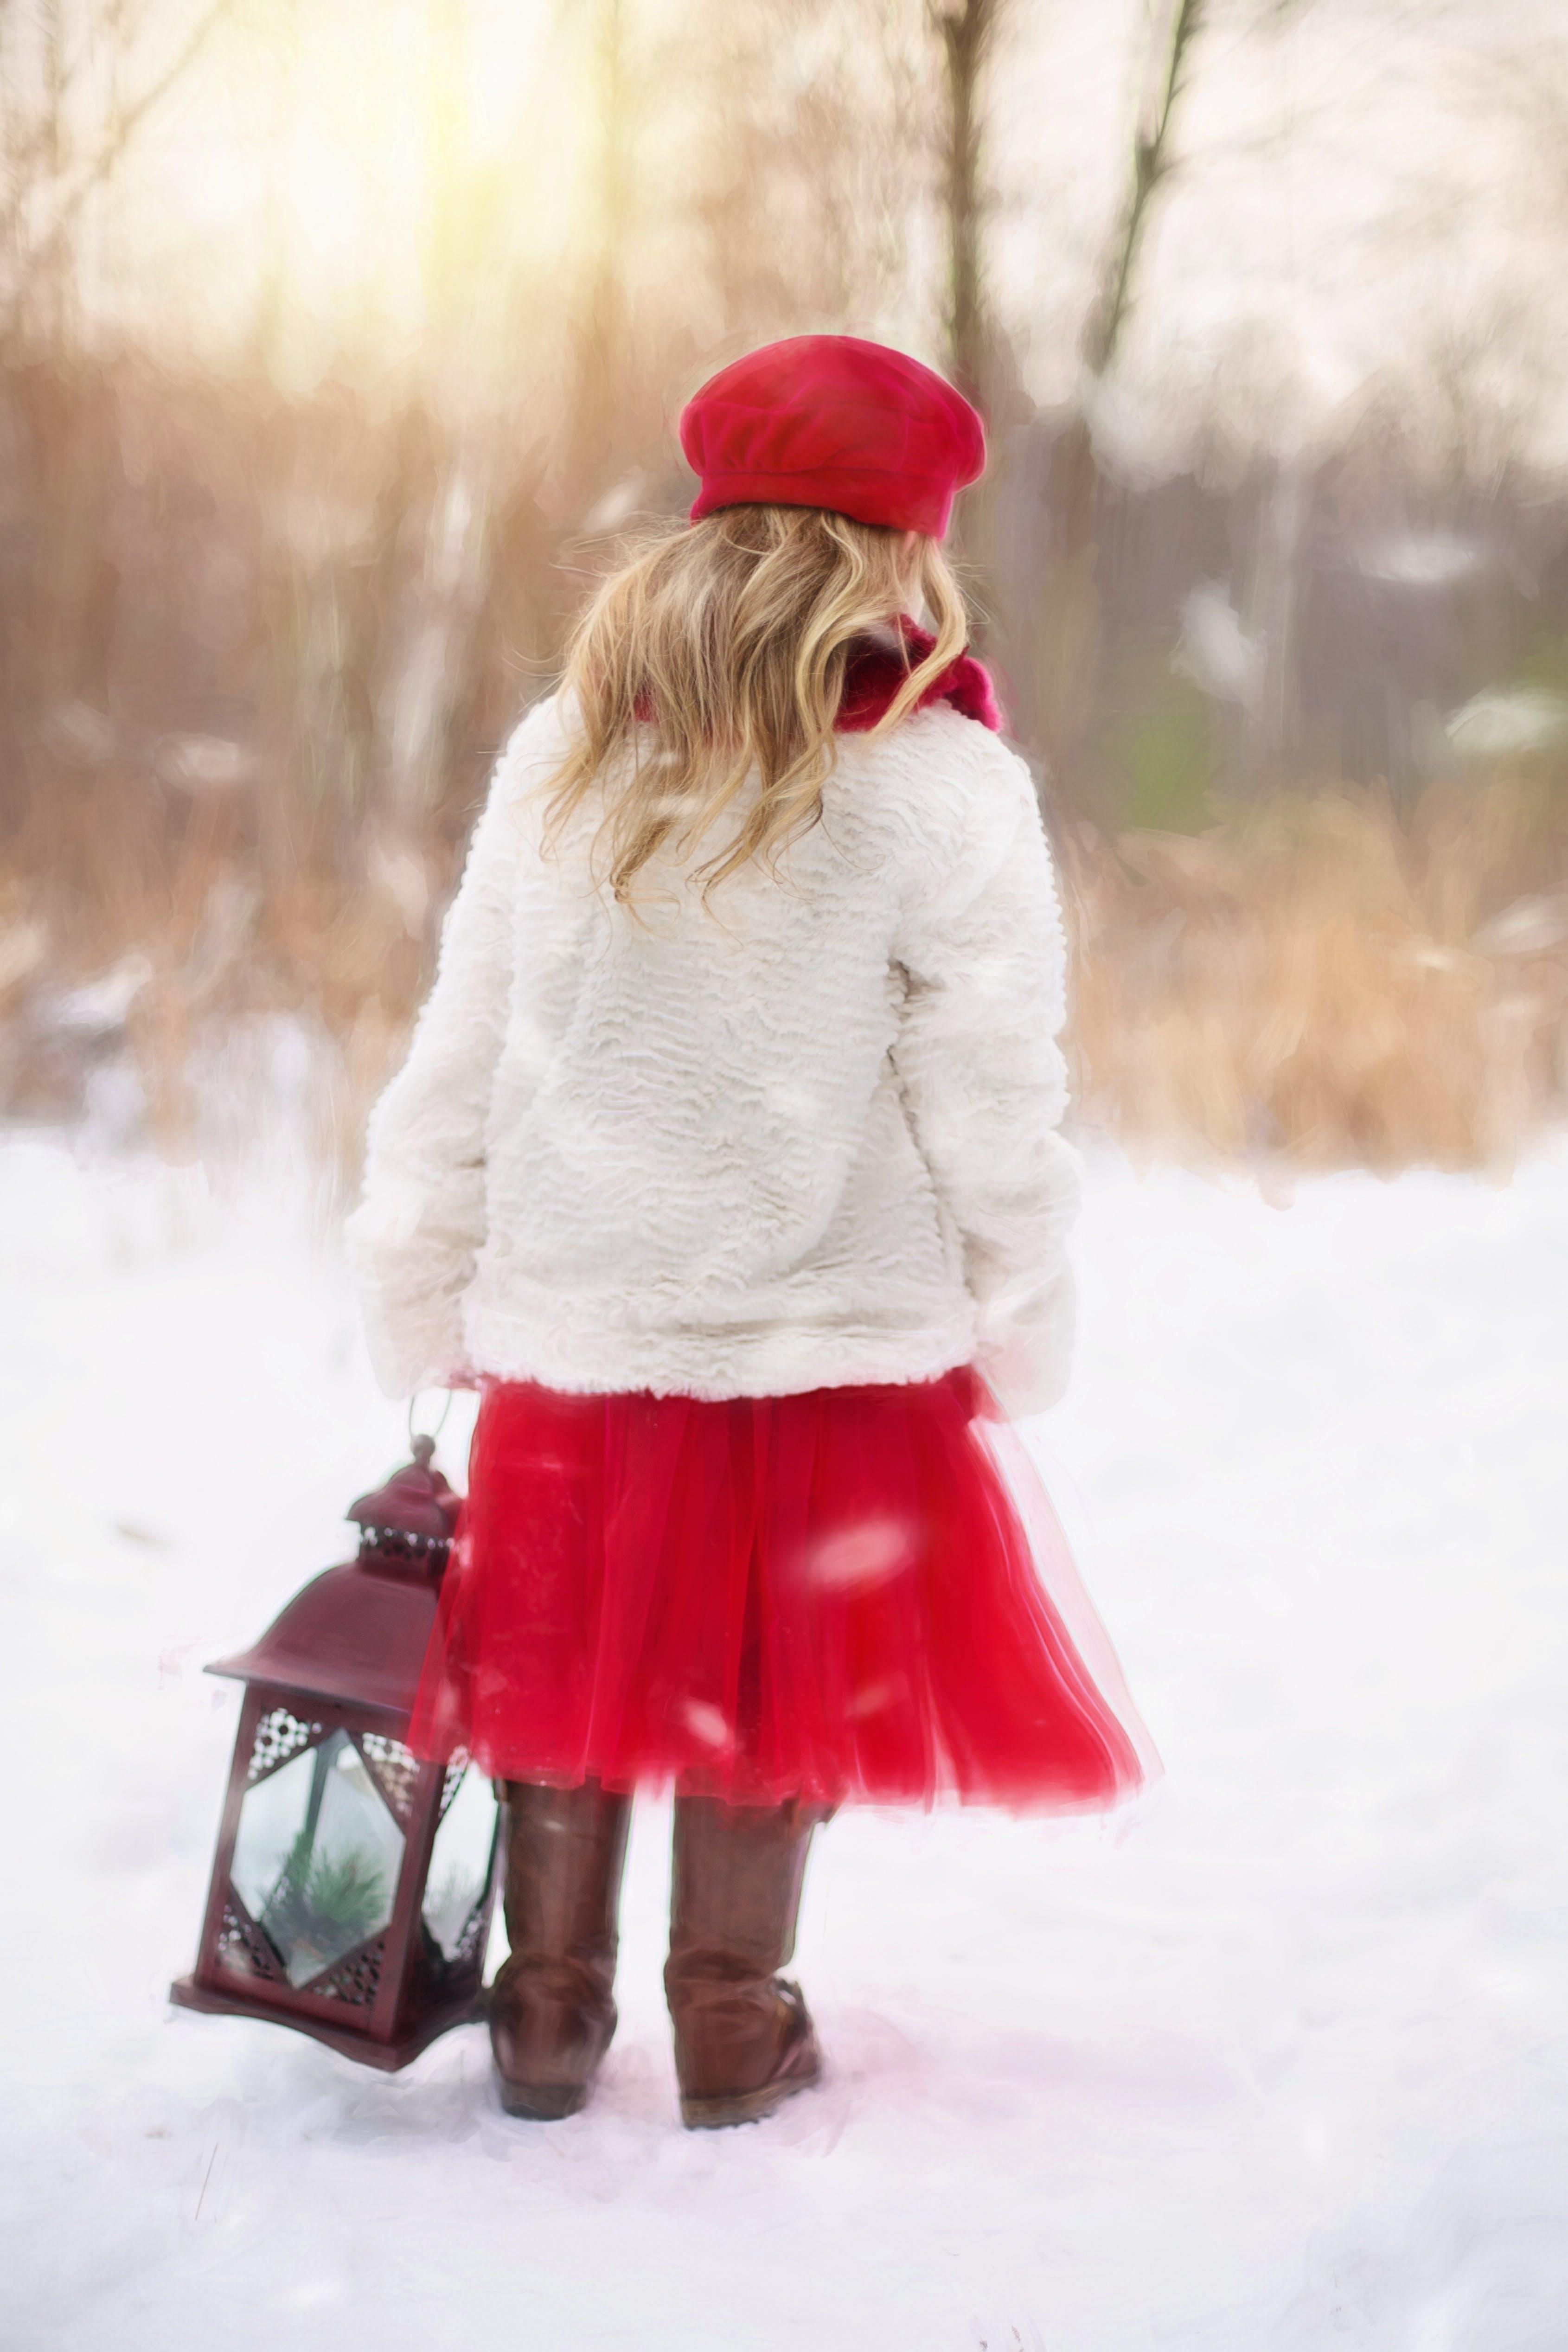 Woman Walking Holding Lantern